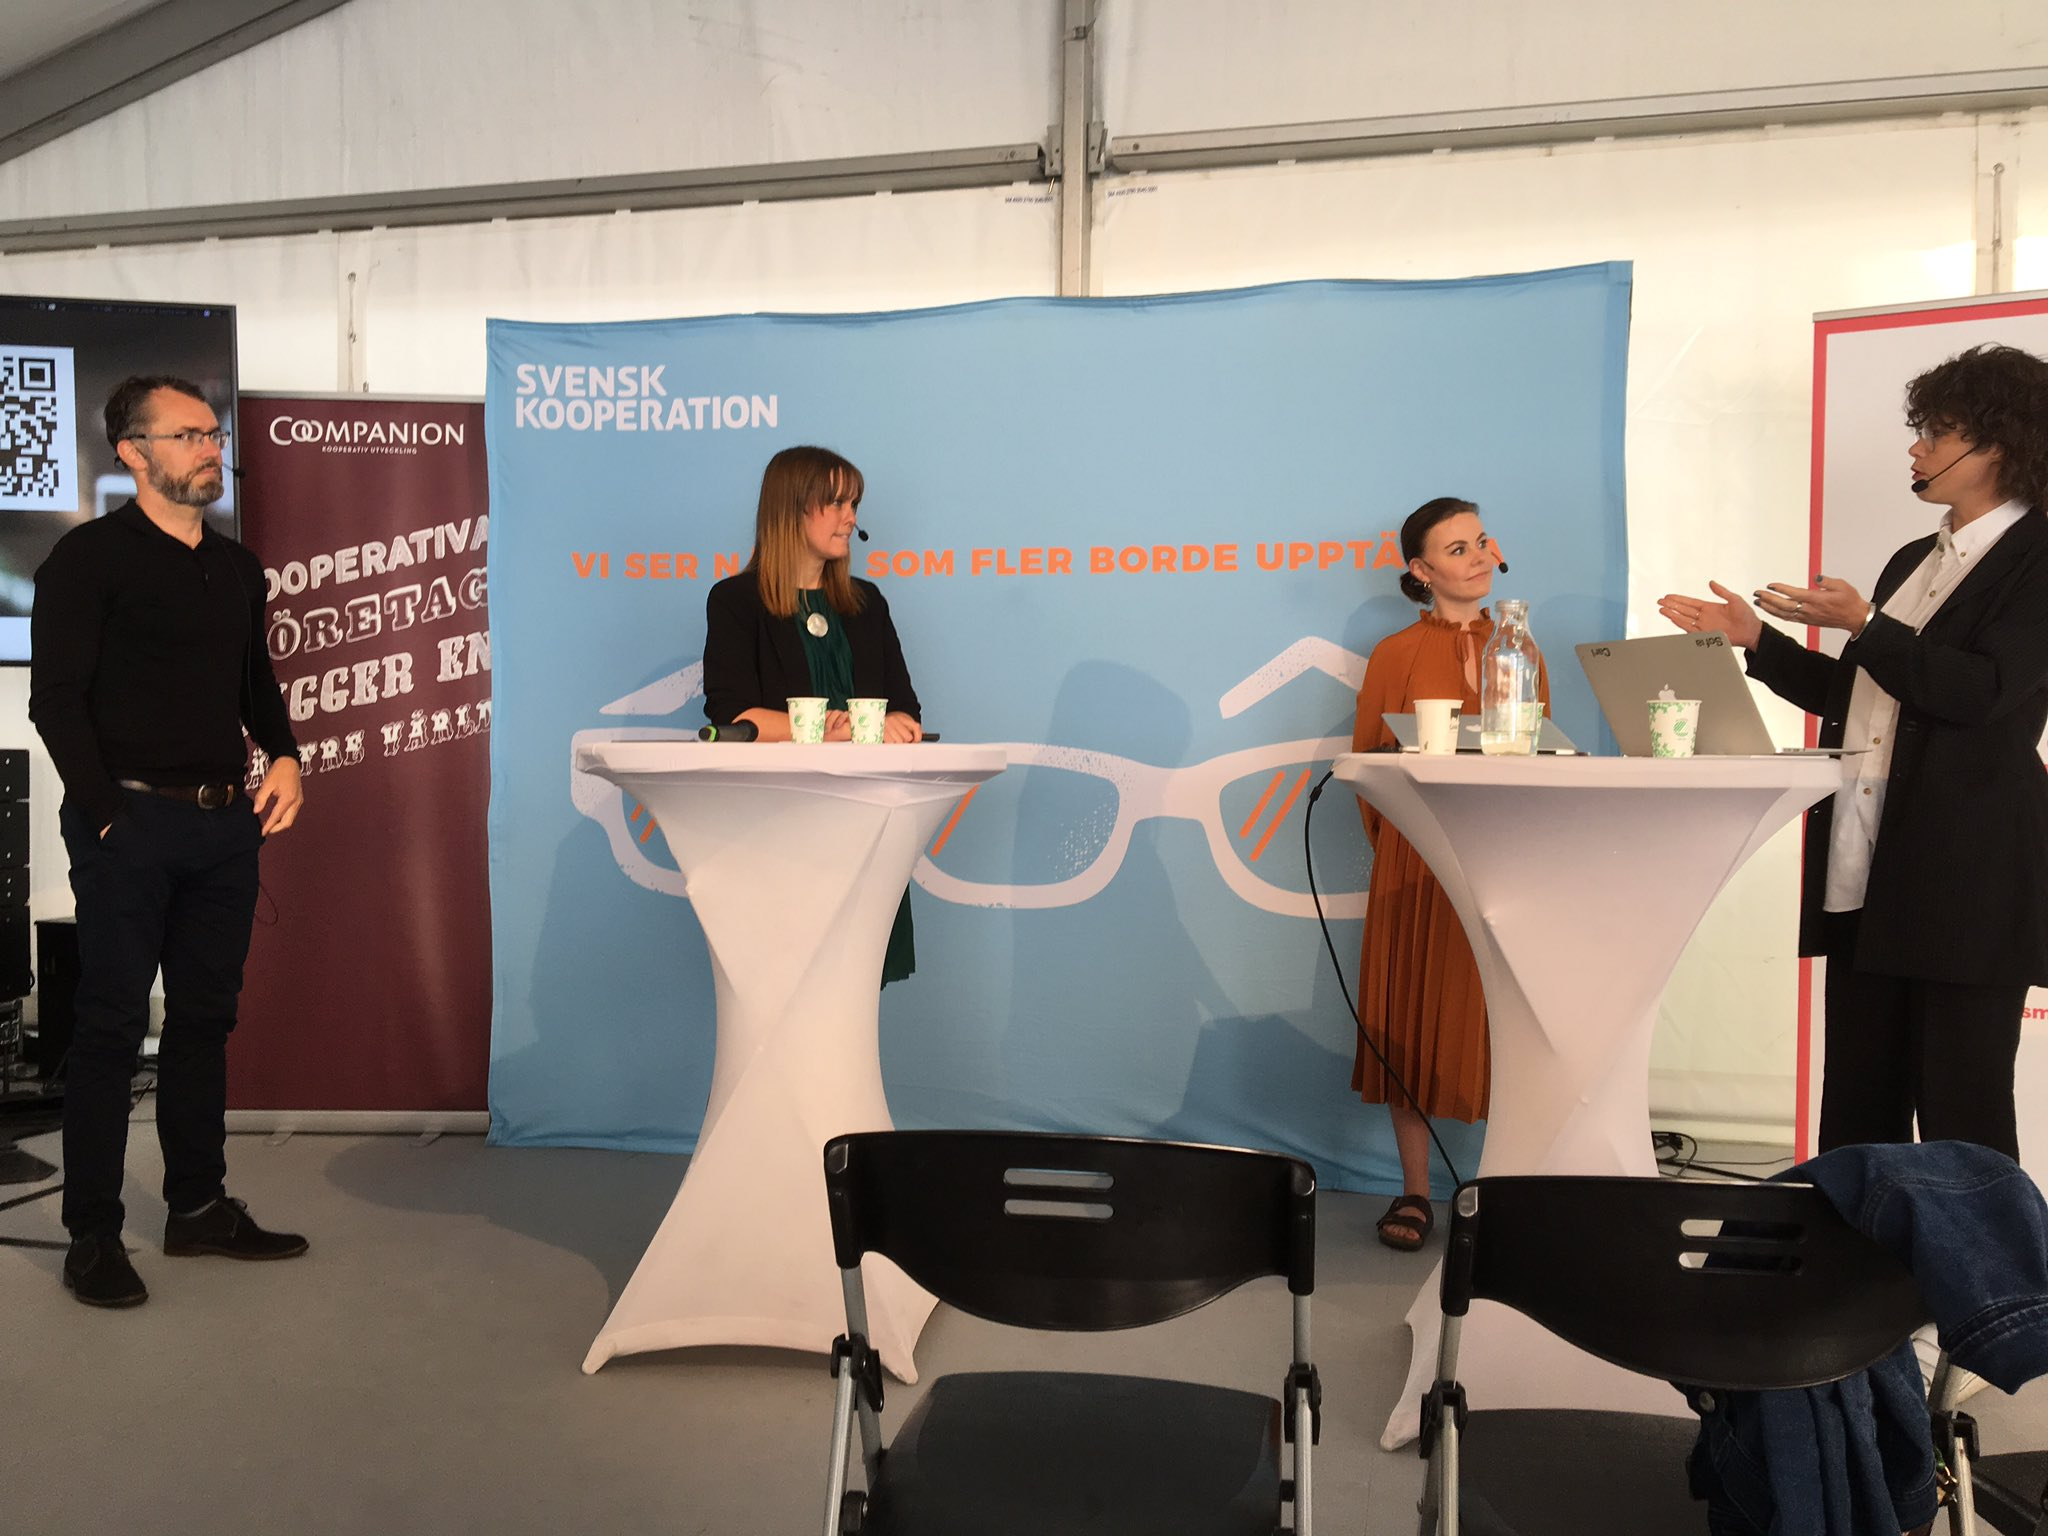 Smart i Almedalen 2019: Är framtidens företagande kooperativt?